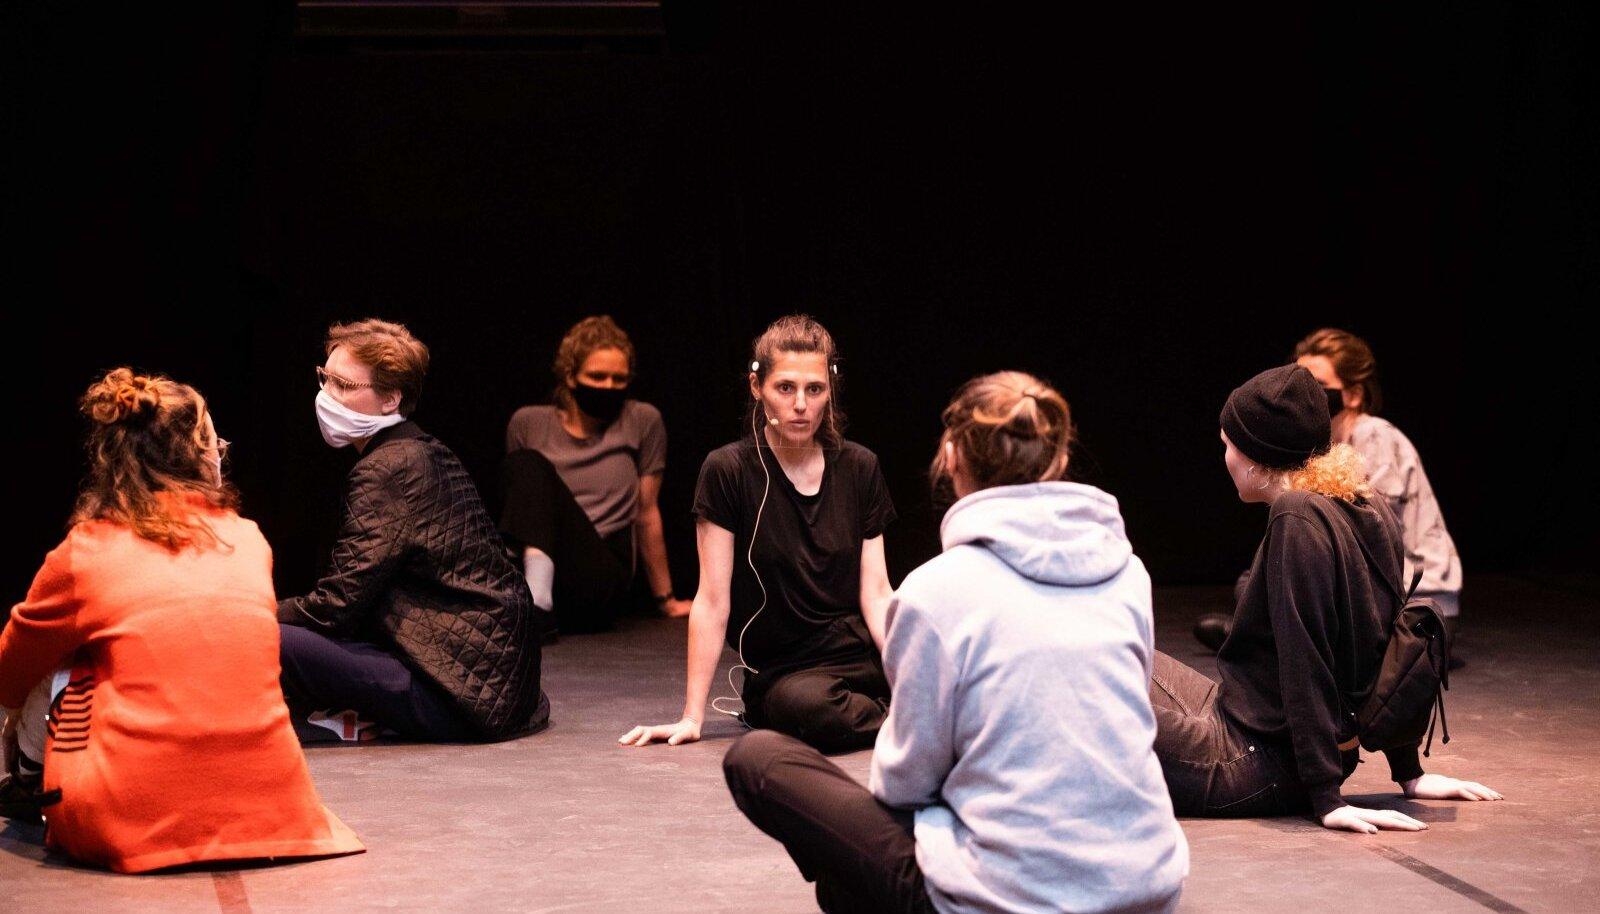 Kanuti Gildi SAALis NU Performance'i avamine.